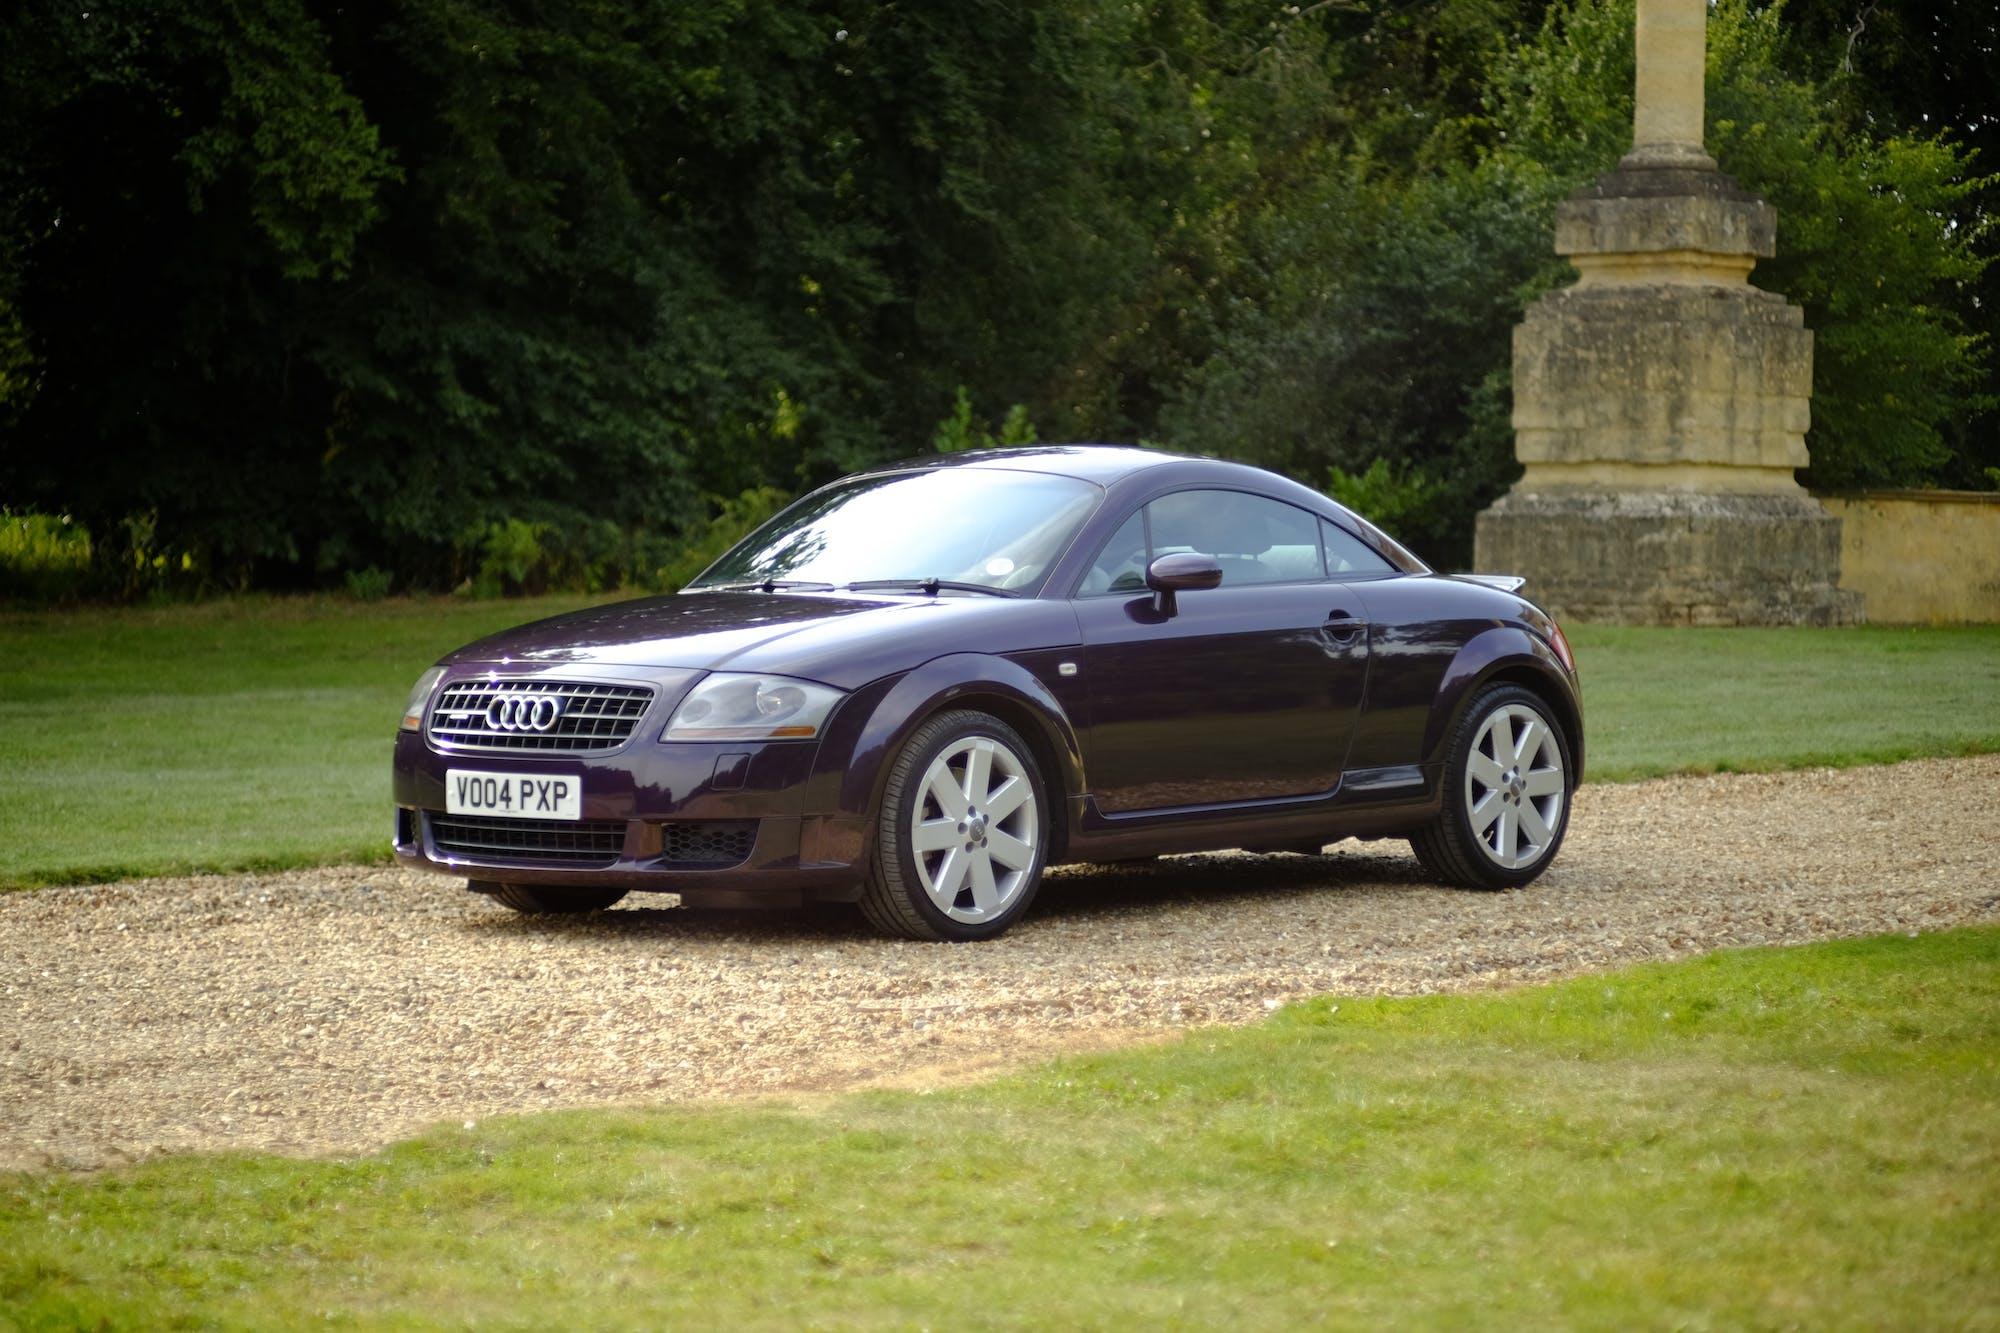 Kelebihan Kekurangan Audi Tt 3.2 Quattro Perbandingan Harga